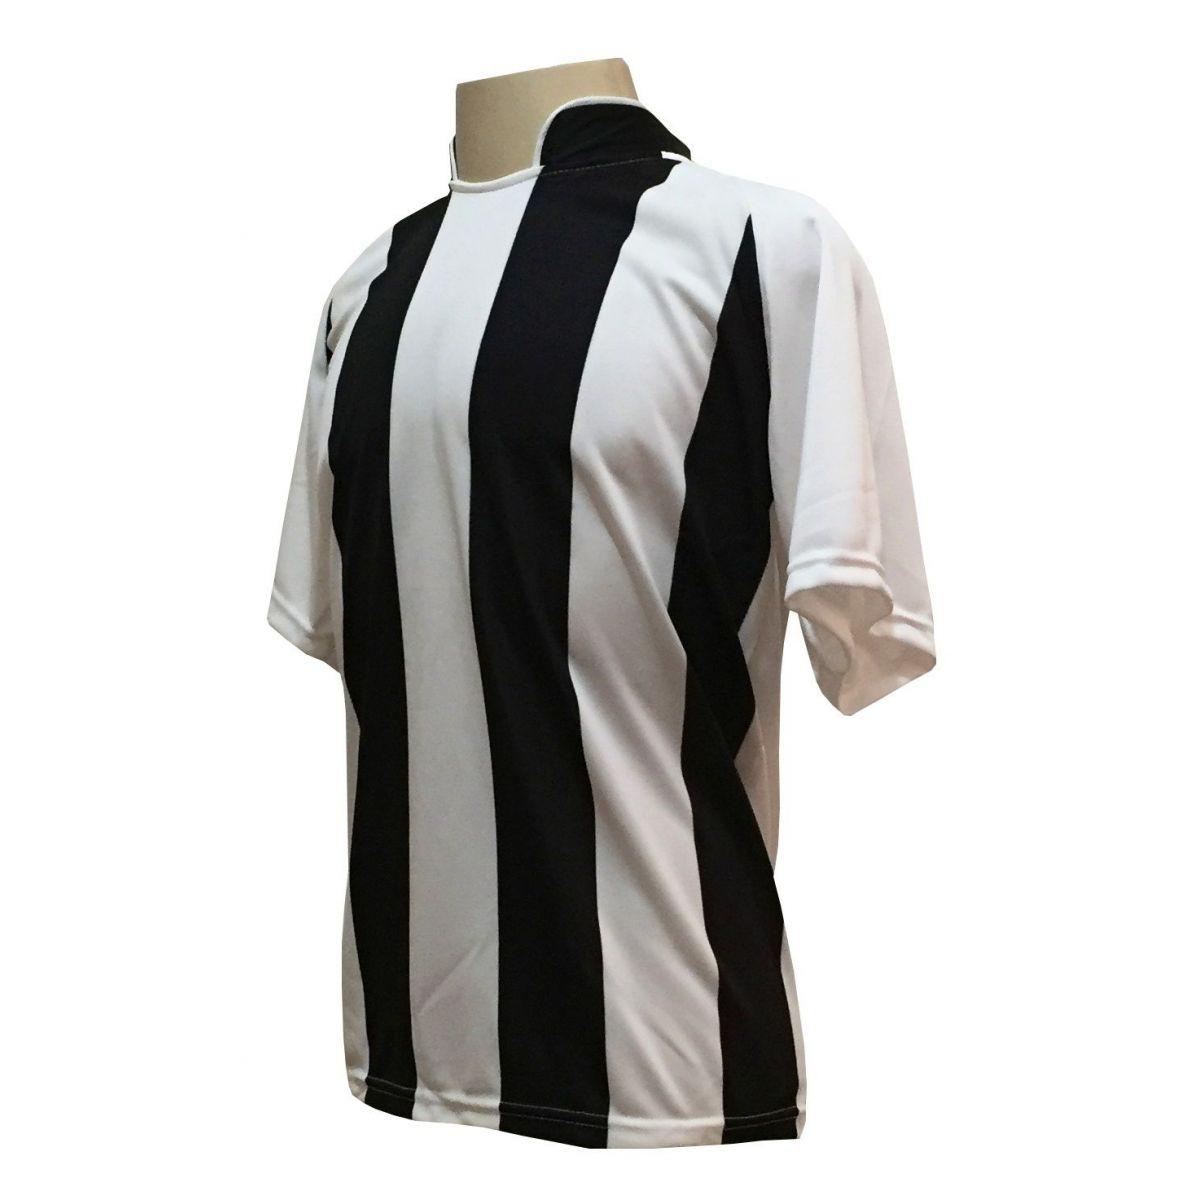 Uniforme Esportivo com 18 camisas modelo Milan Branco/Preto + 18 calções modelo Copa Preto/Branco + 18 pares de meiões Preto